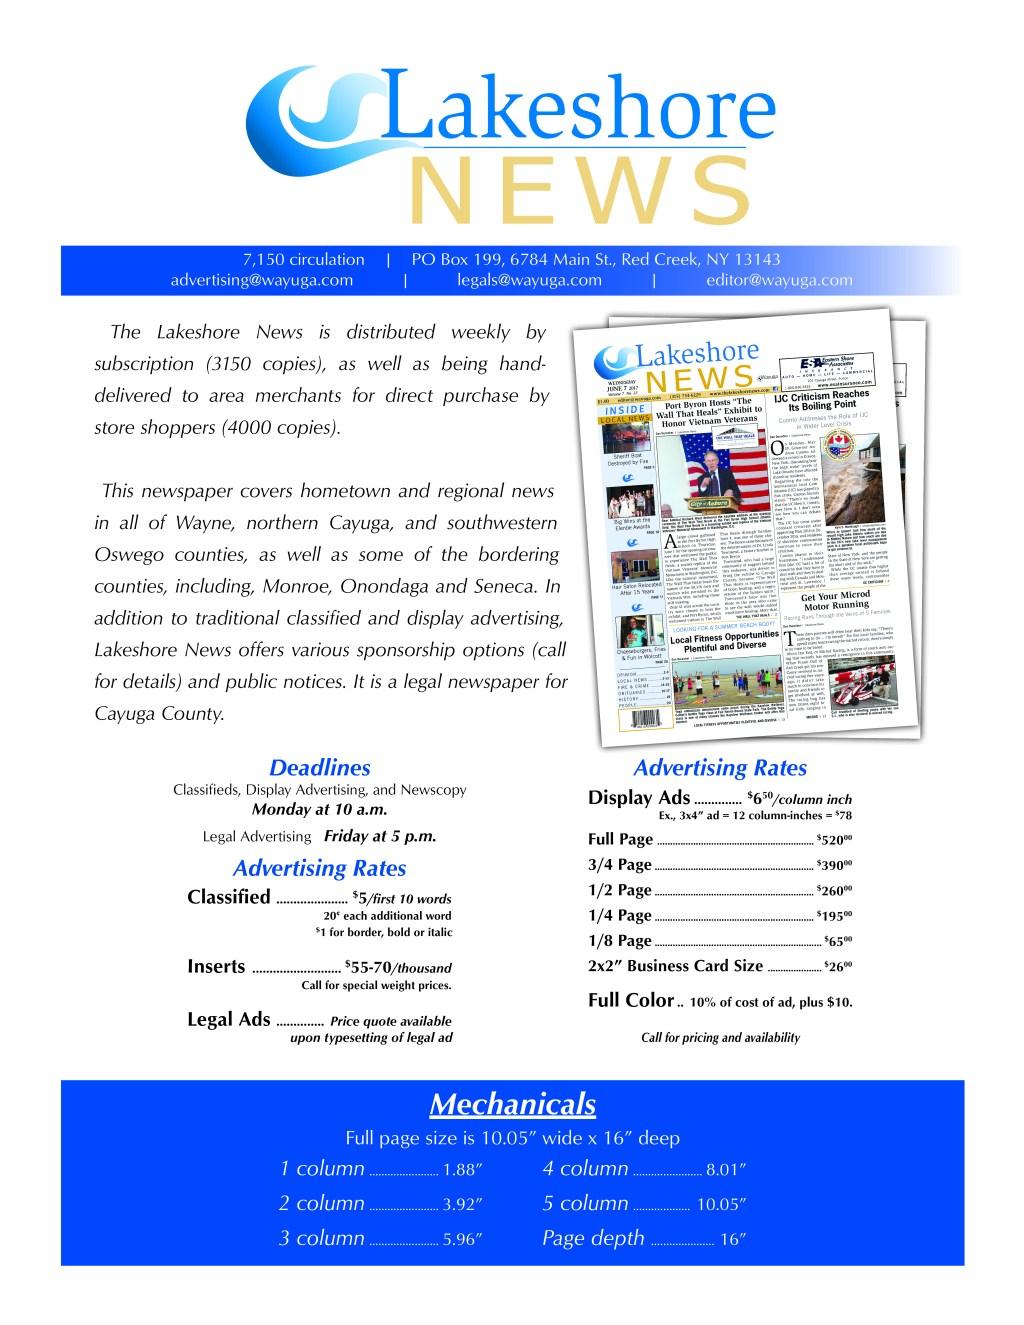 Lakeshore News Info Flyer.jpg